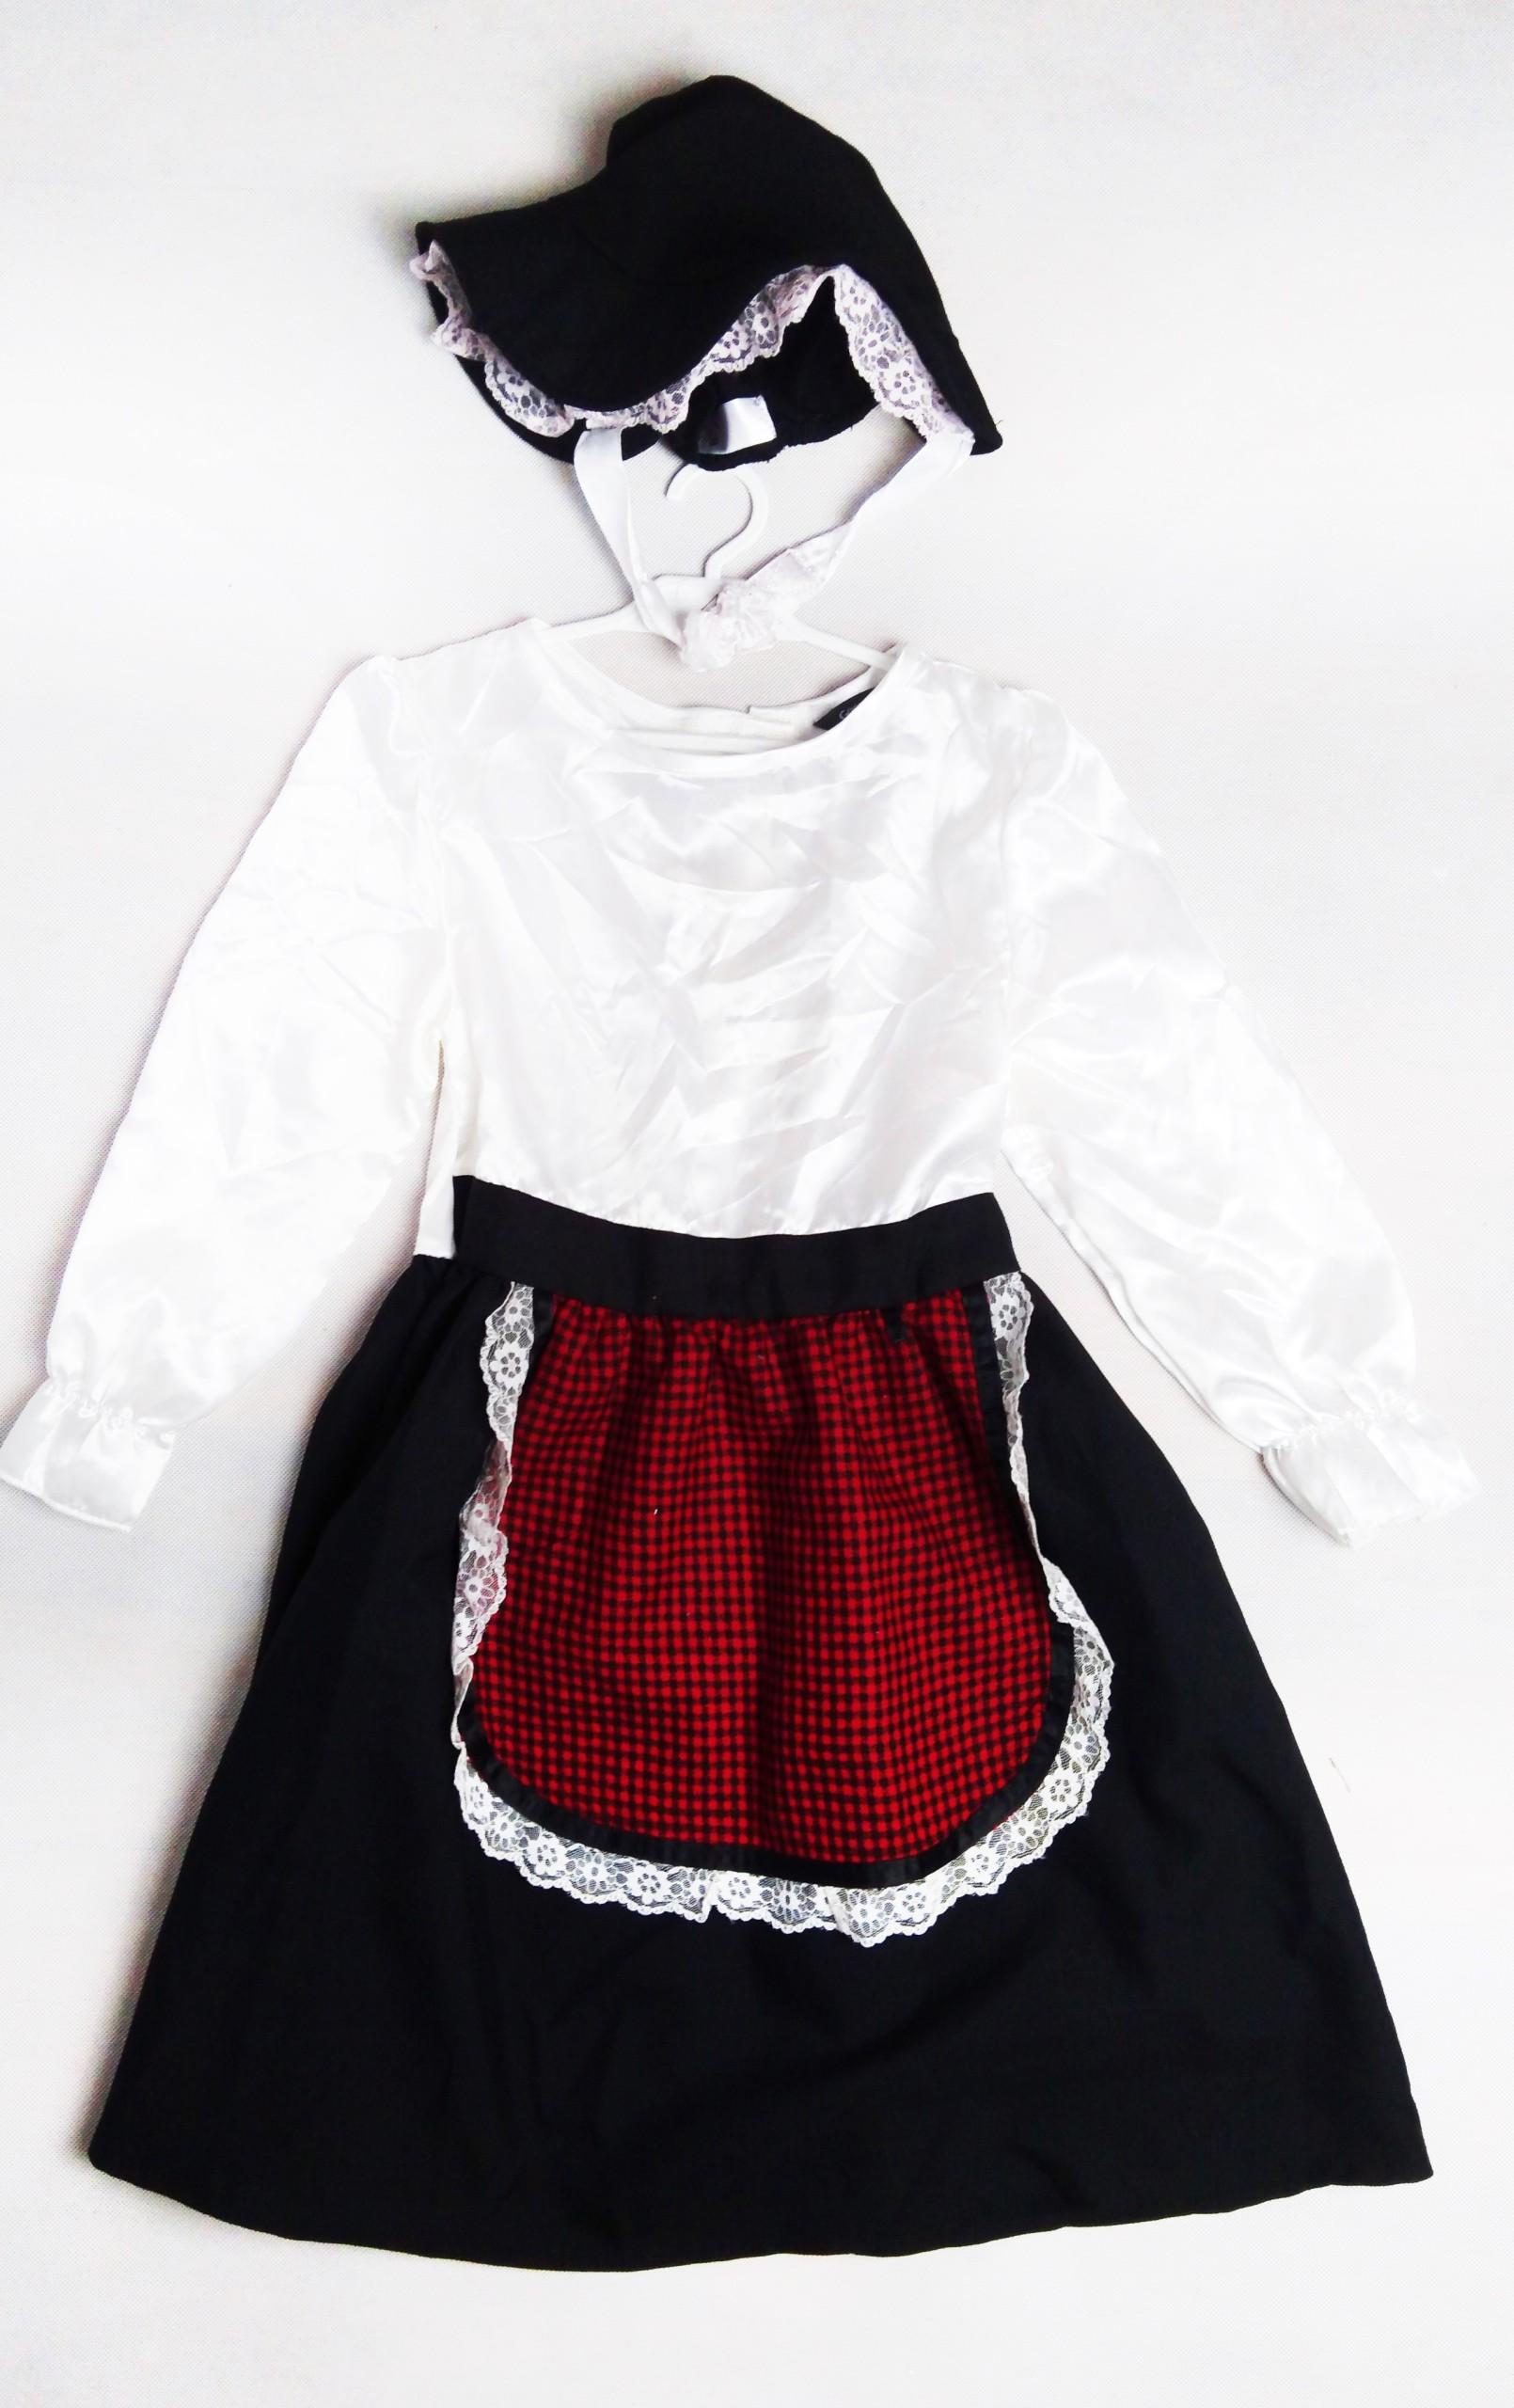 1f7f8242dc144c 47 Gosposia kostium strój przebranie 122 128 - 7438258774 ...